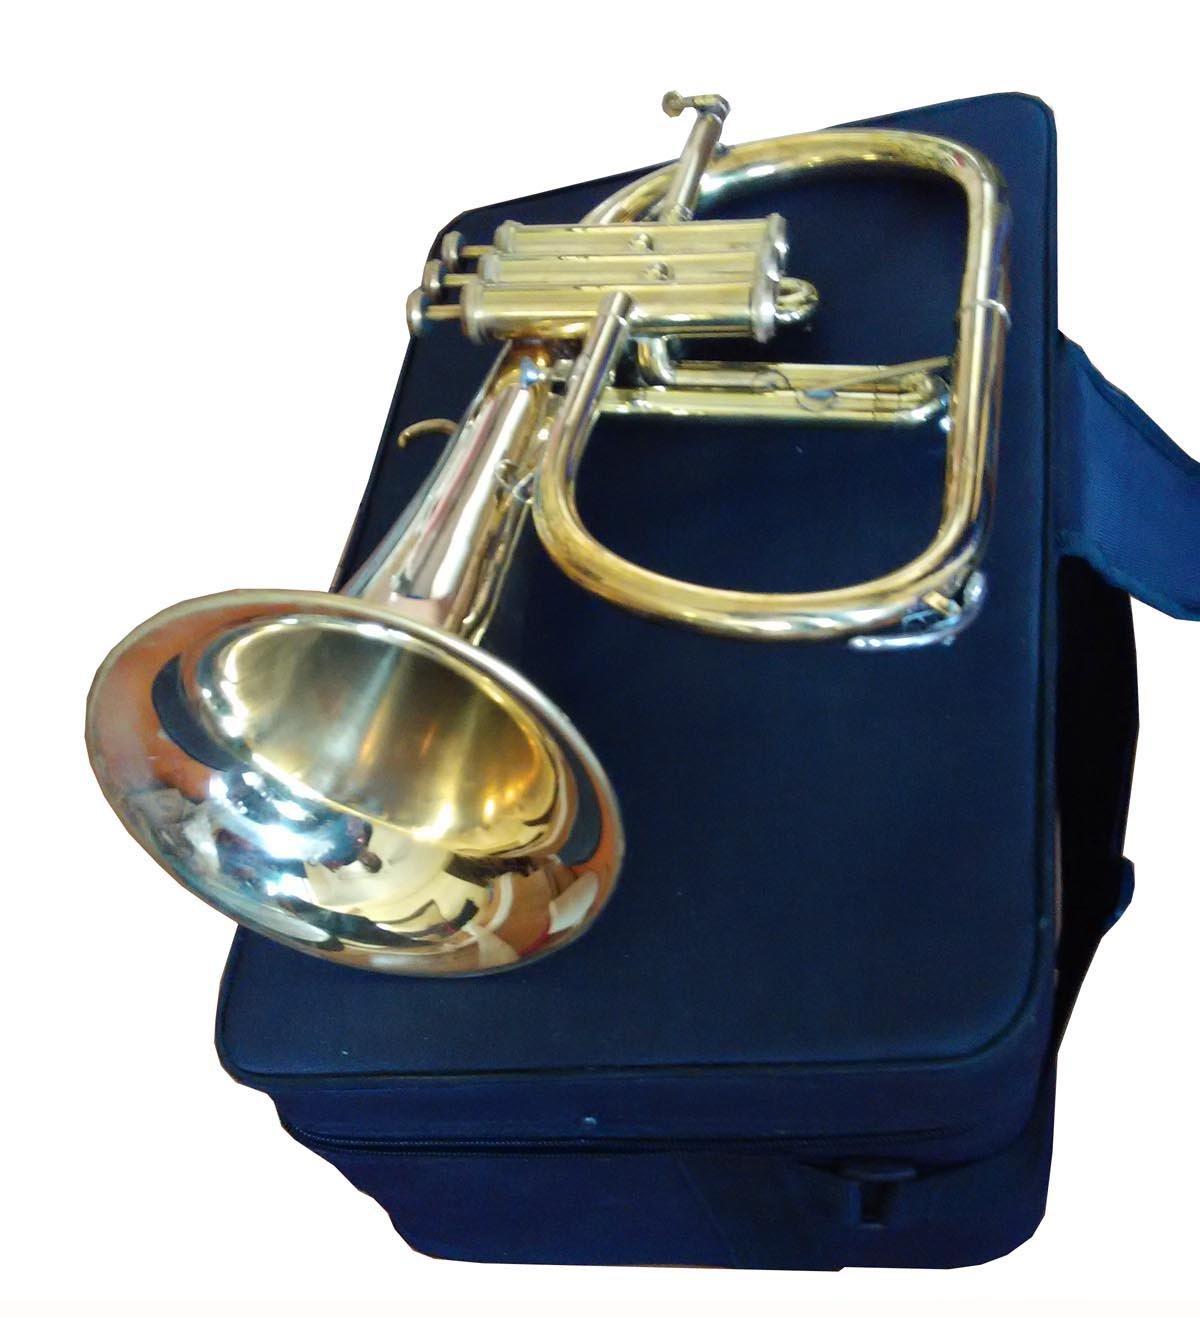 2016 Great Value 3-Valve Bb Natural Brass Flugel Horn Flugelhorn with Designer Hardcase superbrass.com